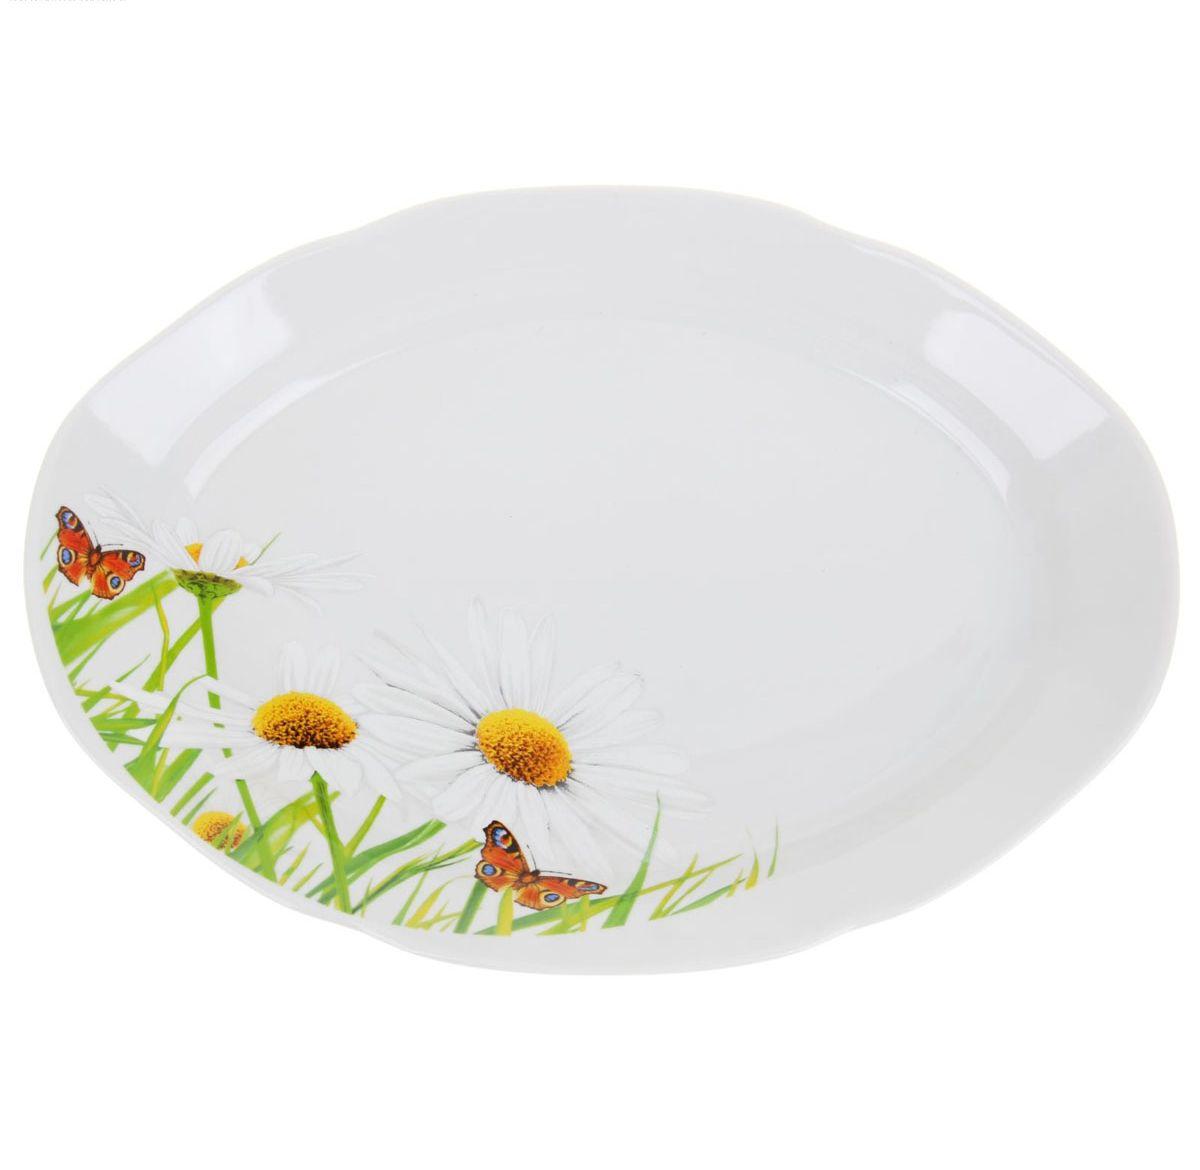 Блюдо овальное Идиллия. Ромашка, 33 х 23 см1280306Овальное блюдо Идиллия. Ромашка изготовлено из качественного фарфора. Изделие имеет волнистые края. Блюдо оформлено ярким цветочным рисунком. Такое блюдо красиво оформит ваш стол и станет незаменимым на вашей кухне. Размер блюда: 33 х 23 х 4 см.